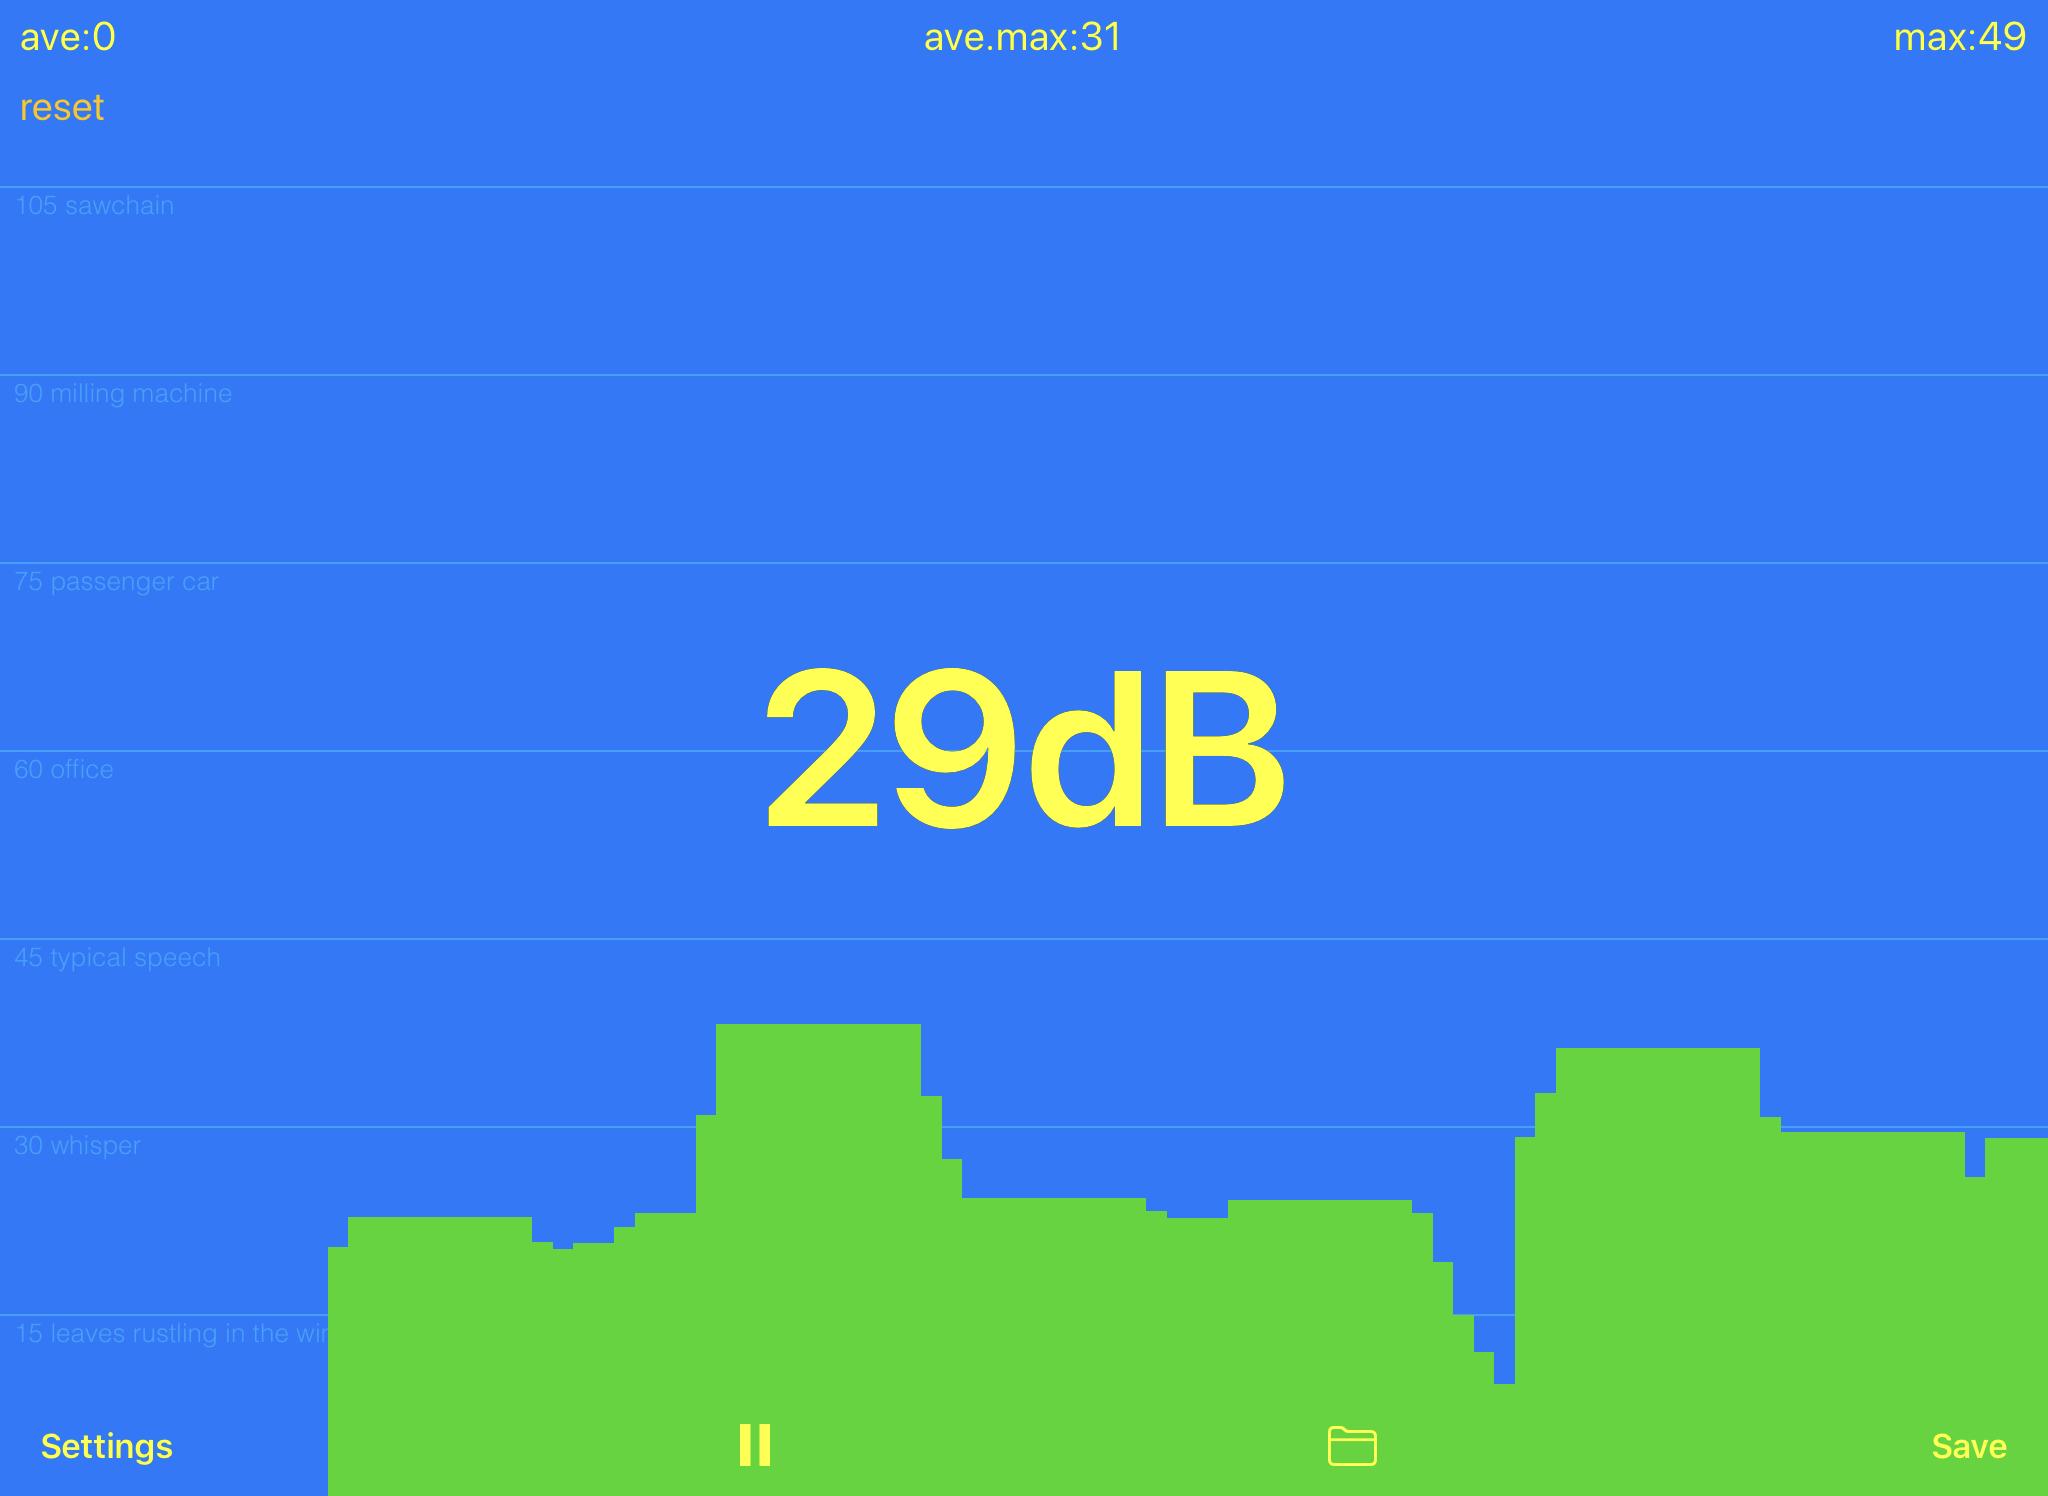 【おすすめアプリ:dB meter - 騒音測定】声の大きさが測れるアプリ